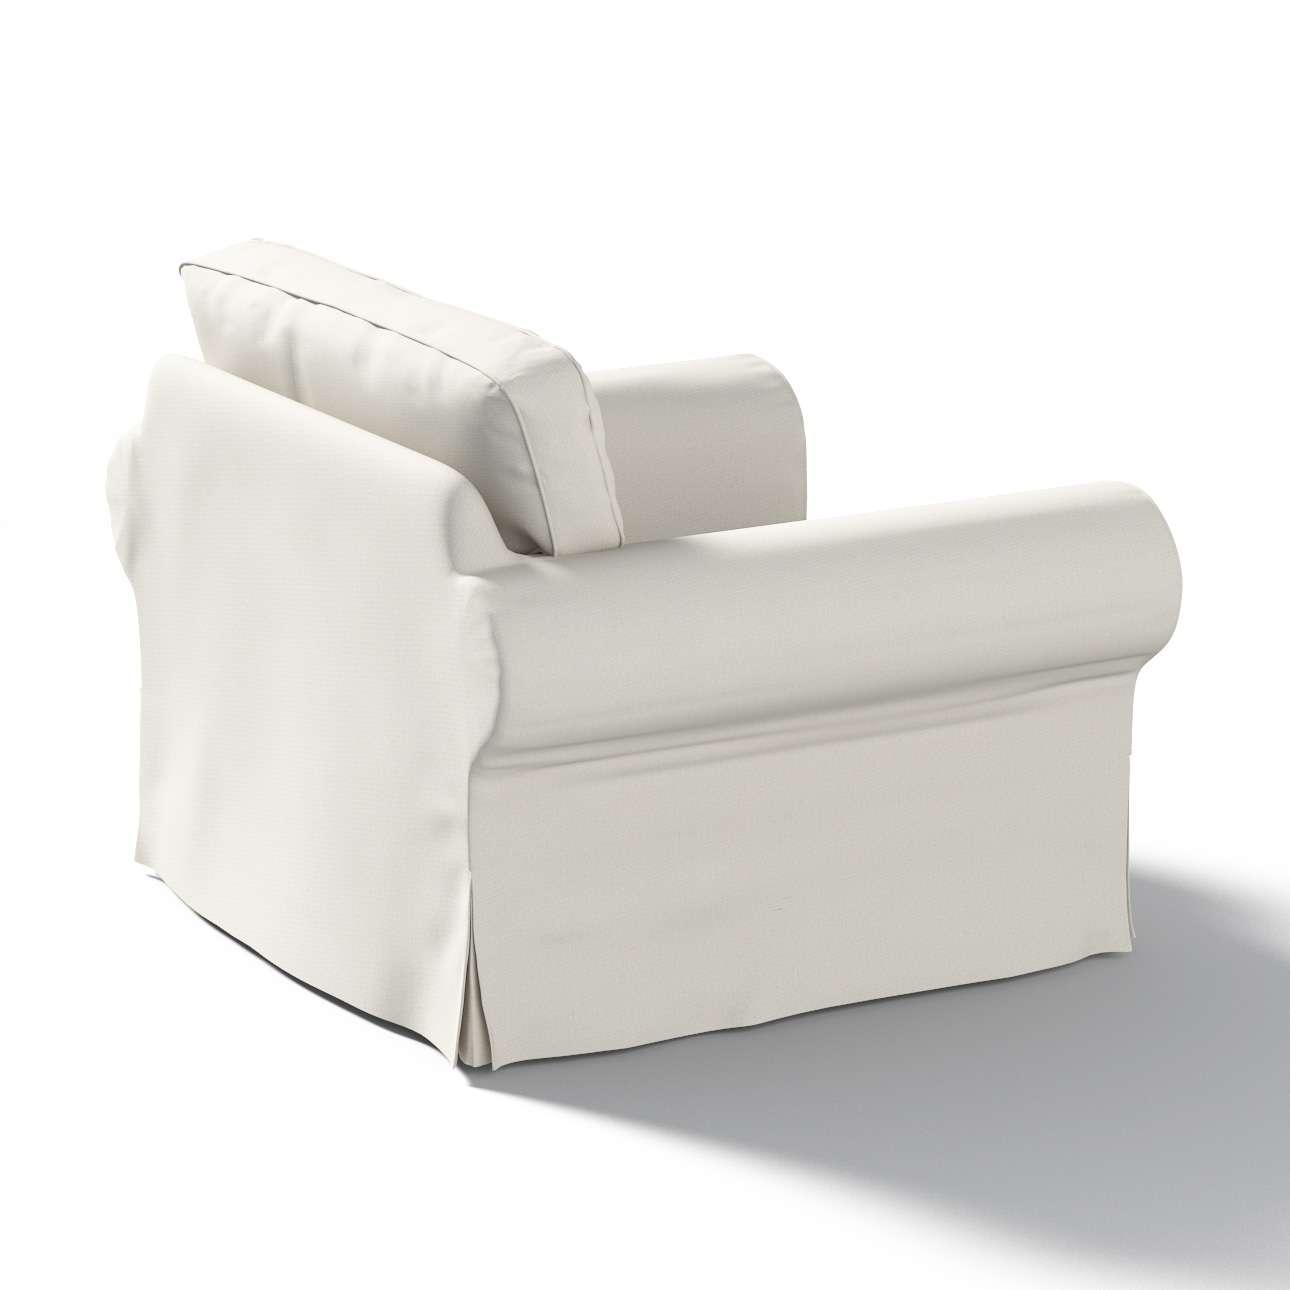 Pokrowiec na fotel Ektorp w kolekcji Etna , tkanina: 705-90